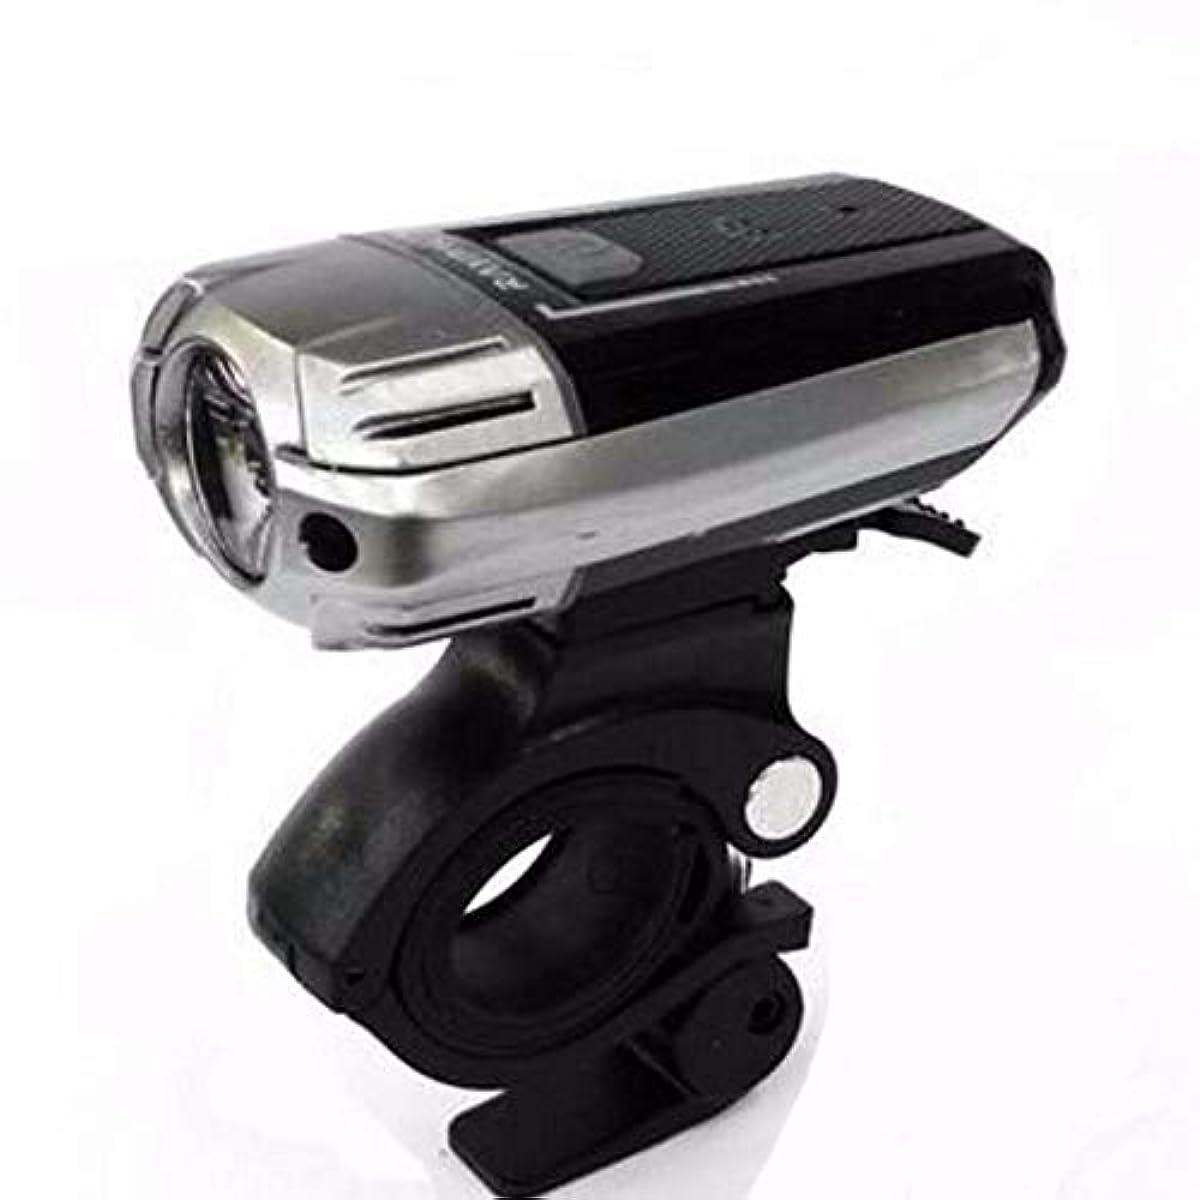 民兵場合トンネルTDLJSVZE 自転車USB充電ヘッドライト自転車ヘッドライトUSB充電自転車ライト安全警告灯